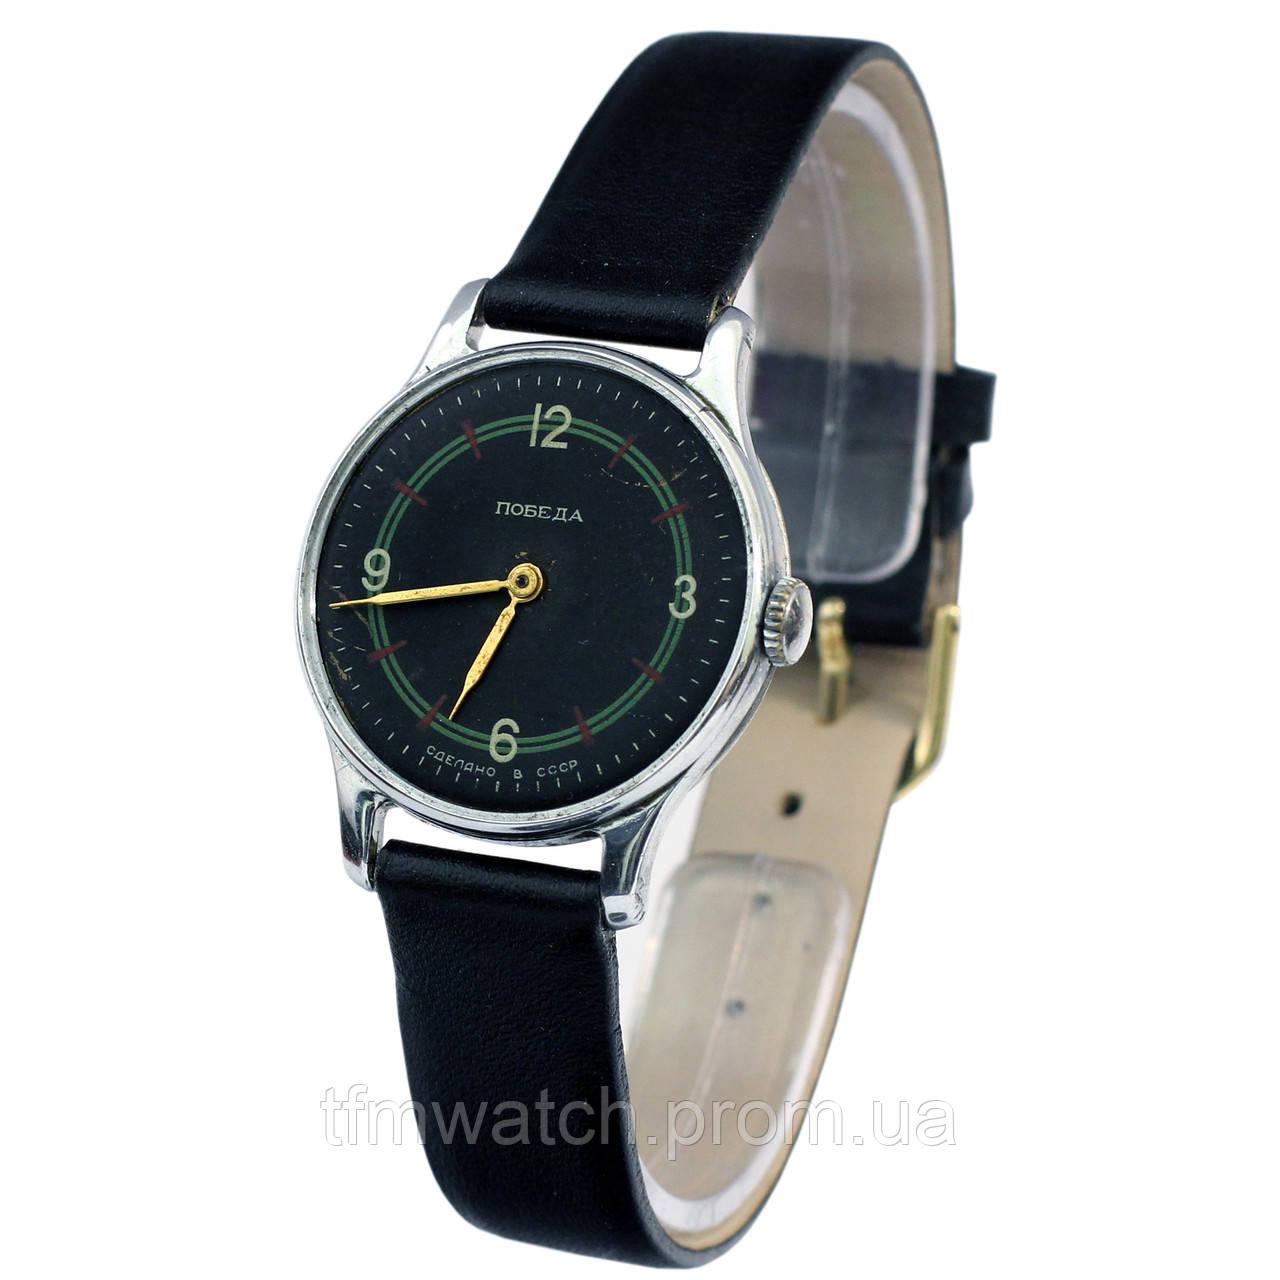 Продать москве в часы где наручные старые качества сдать часы ненадлежащего